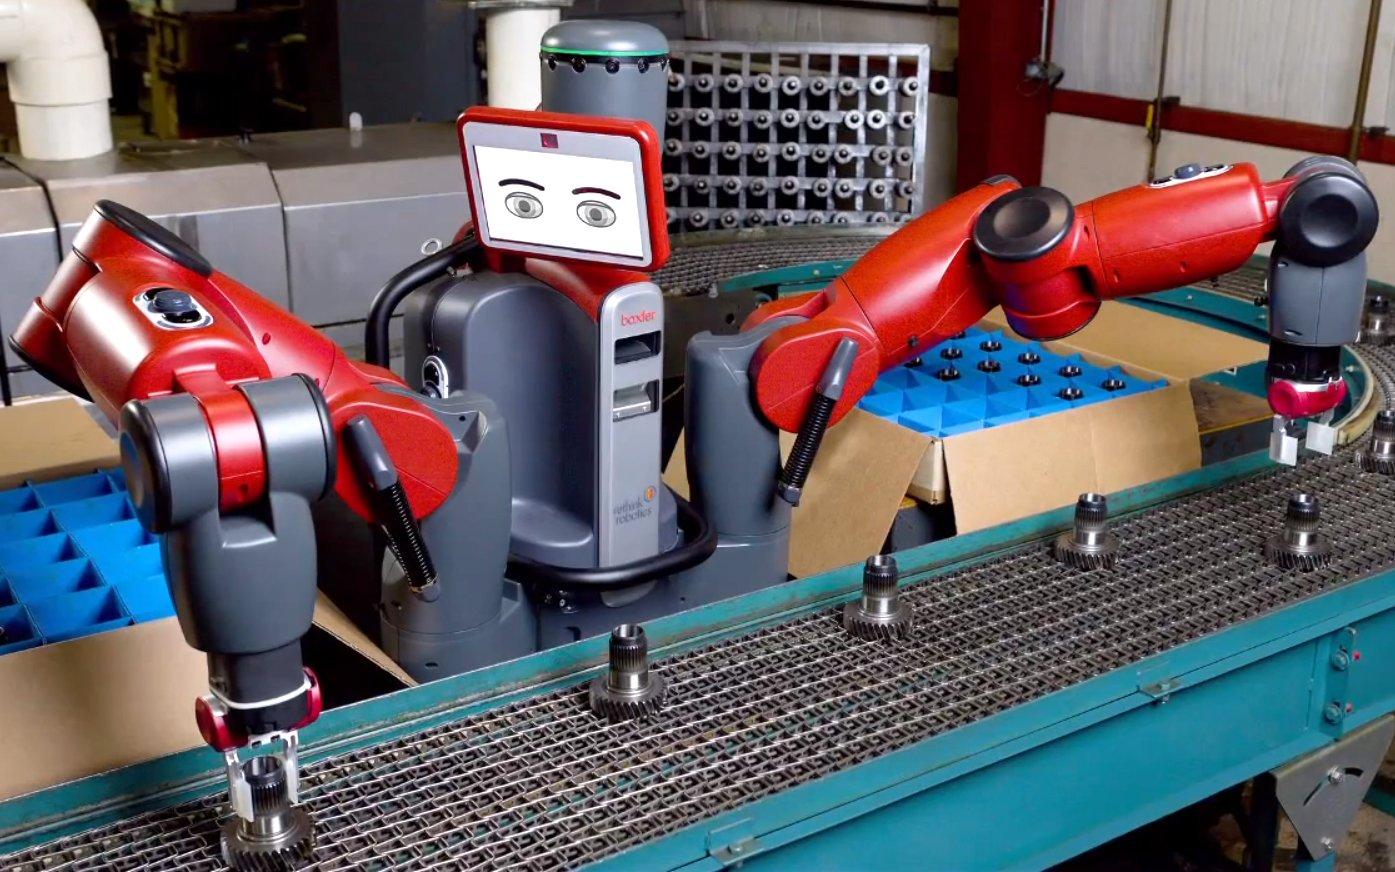 Image result for baxter robot